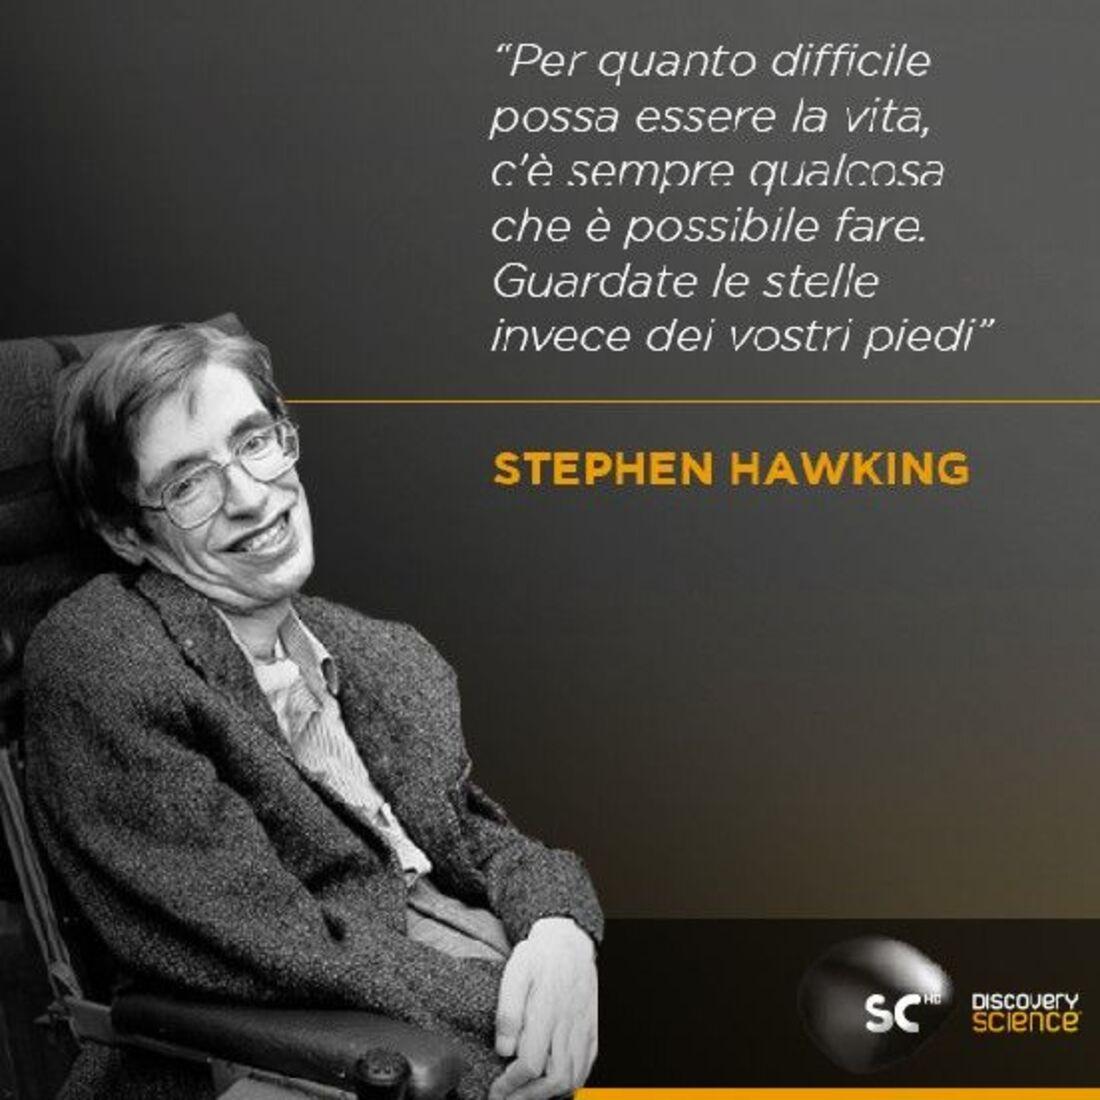 """""""Per quanto difficile possa essere la vita, c'è sempre qualcosa che è possibile fare. Guardate le stelle invece dei vostri piedi."""" - Stephen Hawking"""